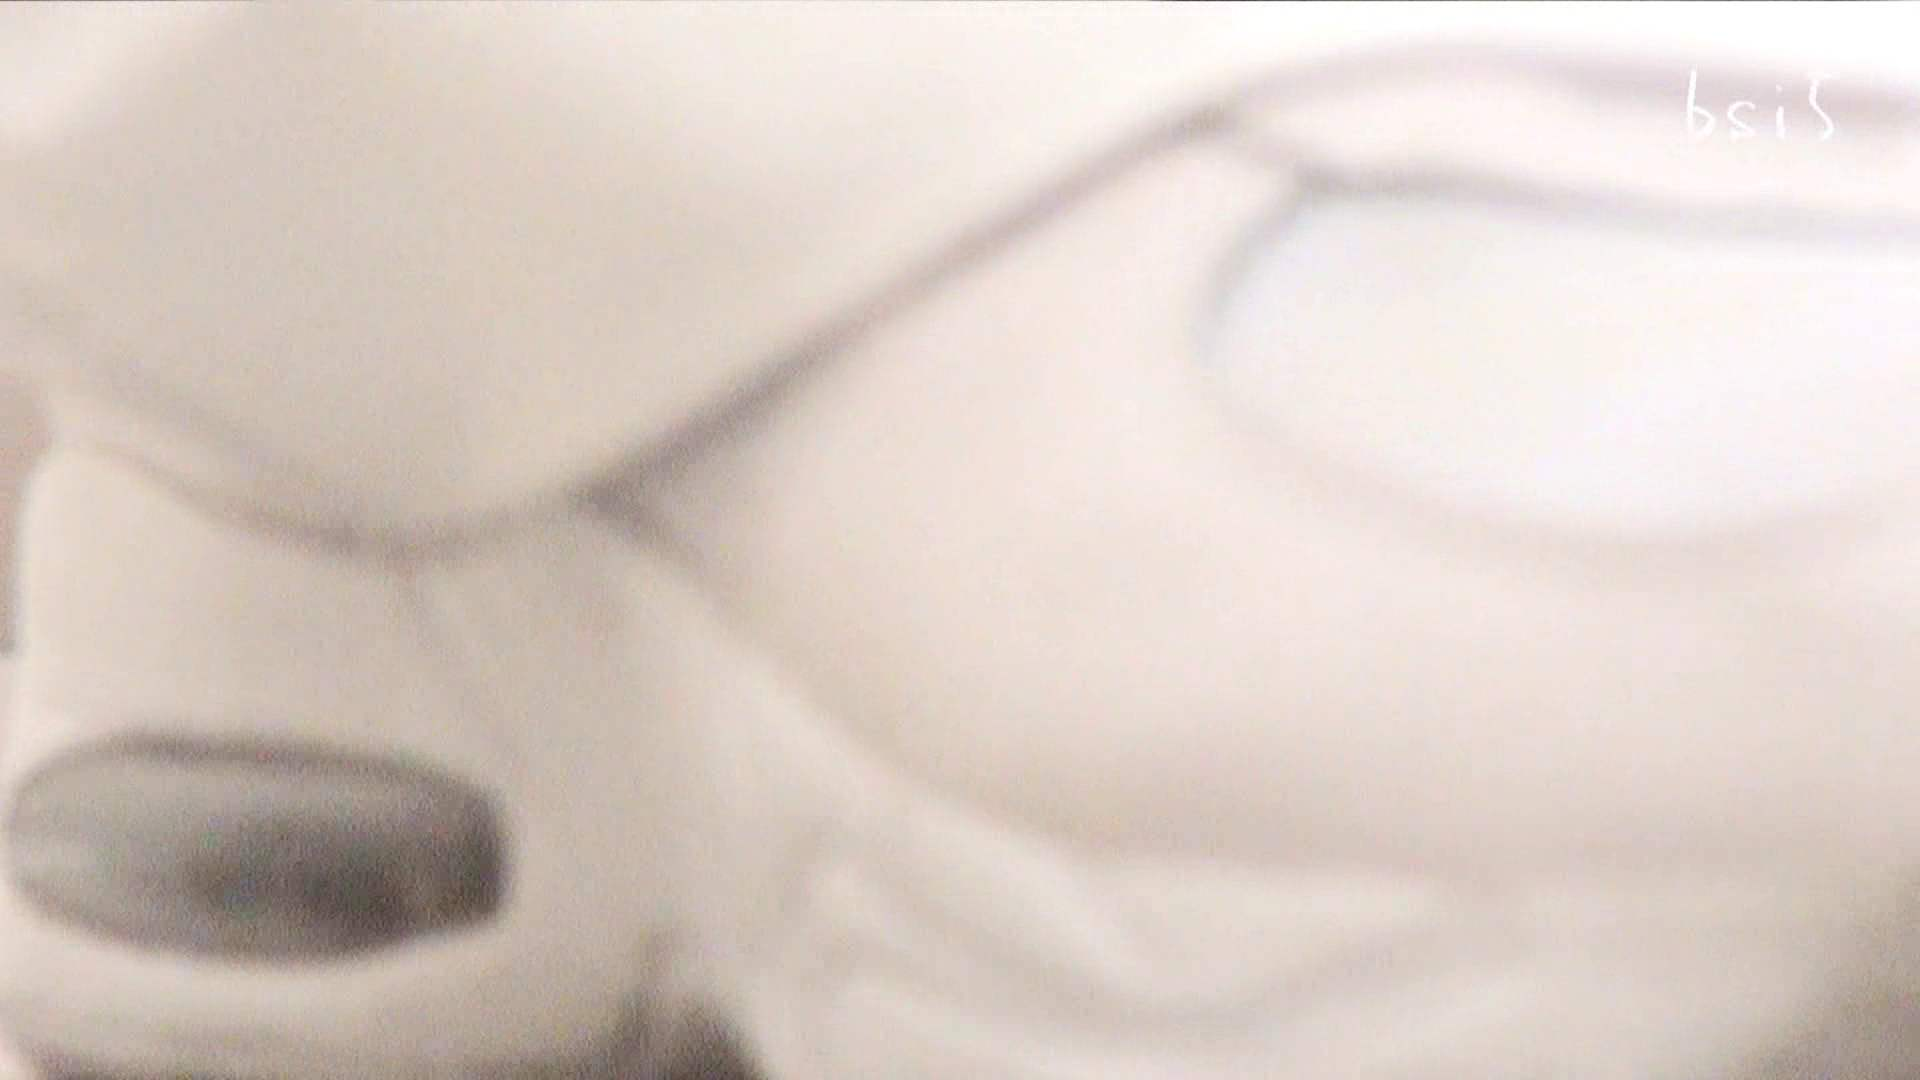 ナースのお小水 vol.005 ナースのエロ動画 のぞき 112PIX 70